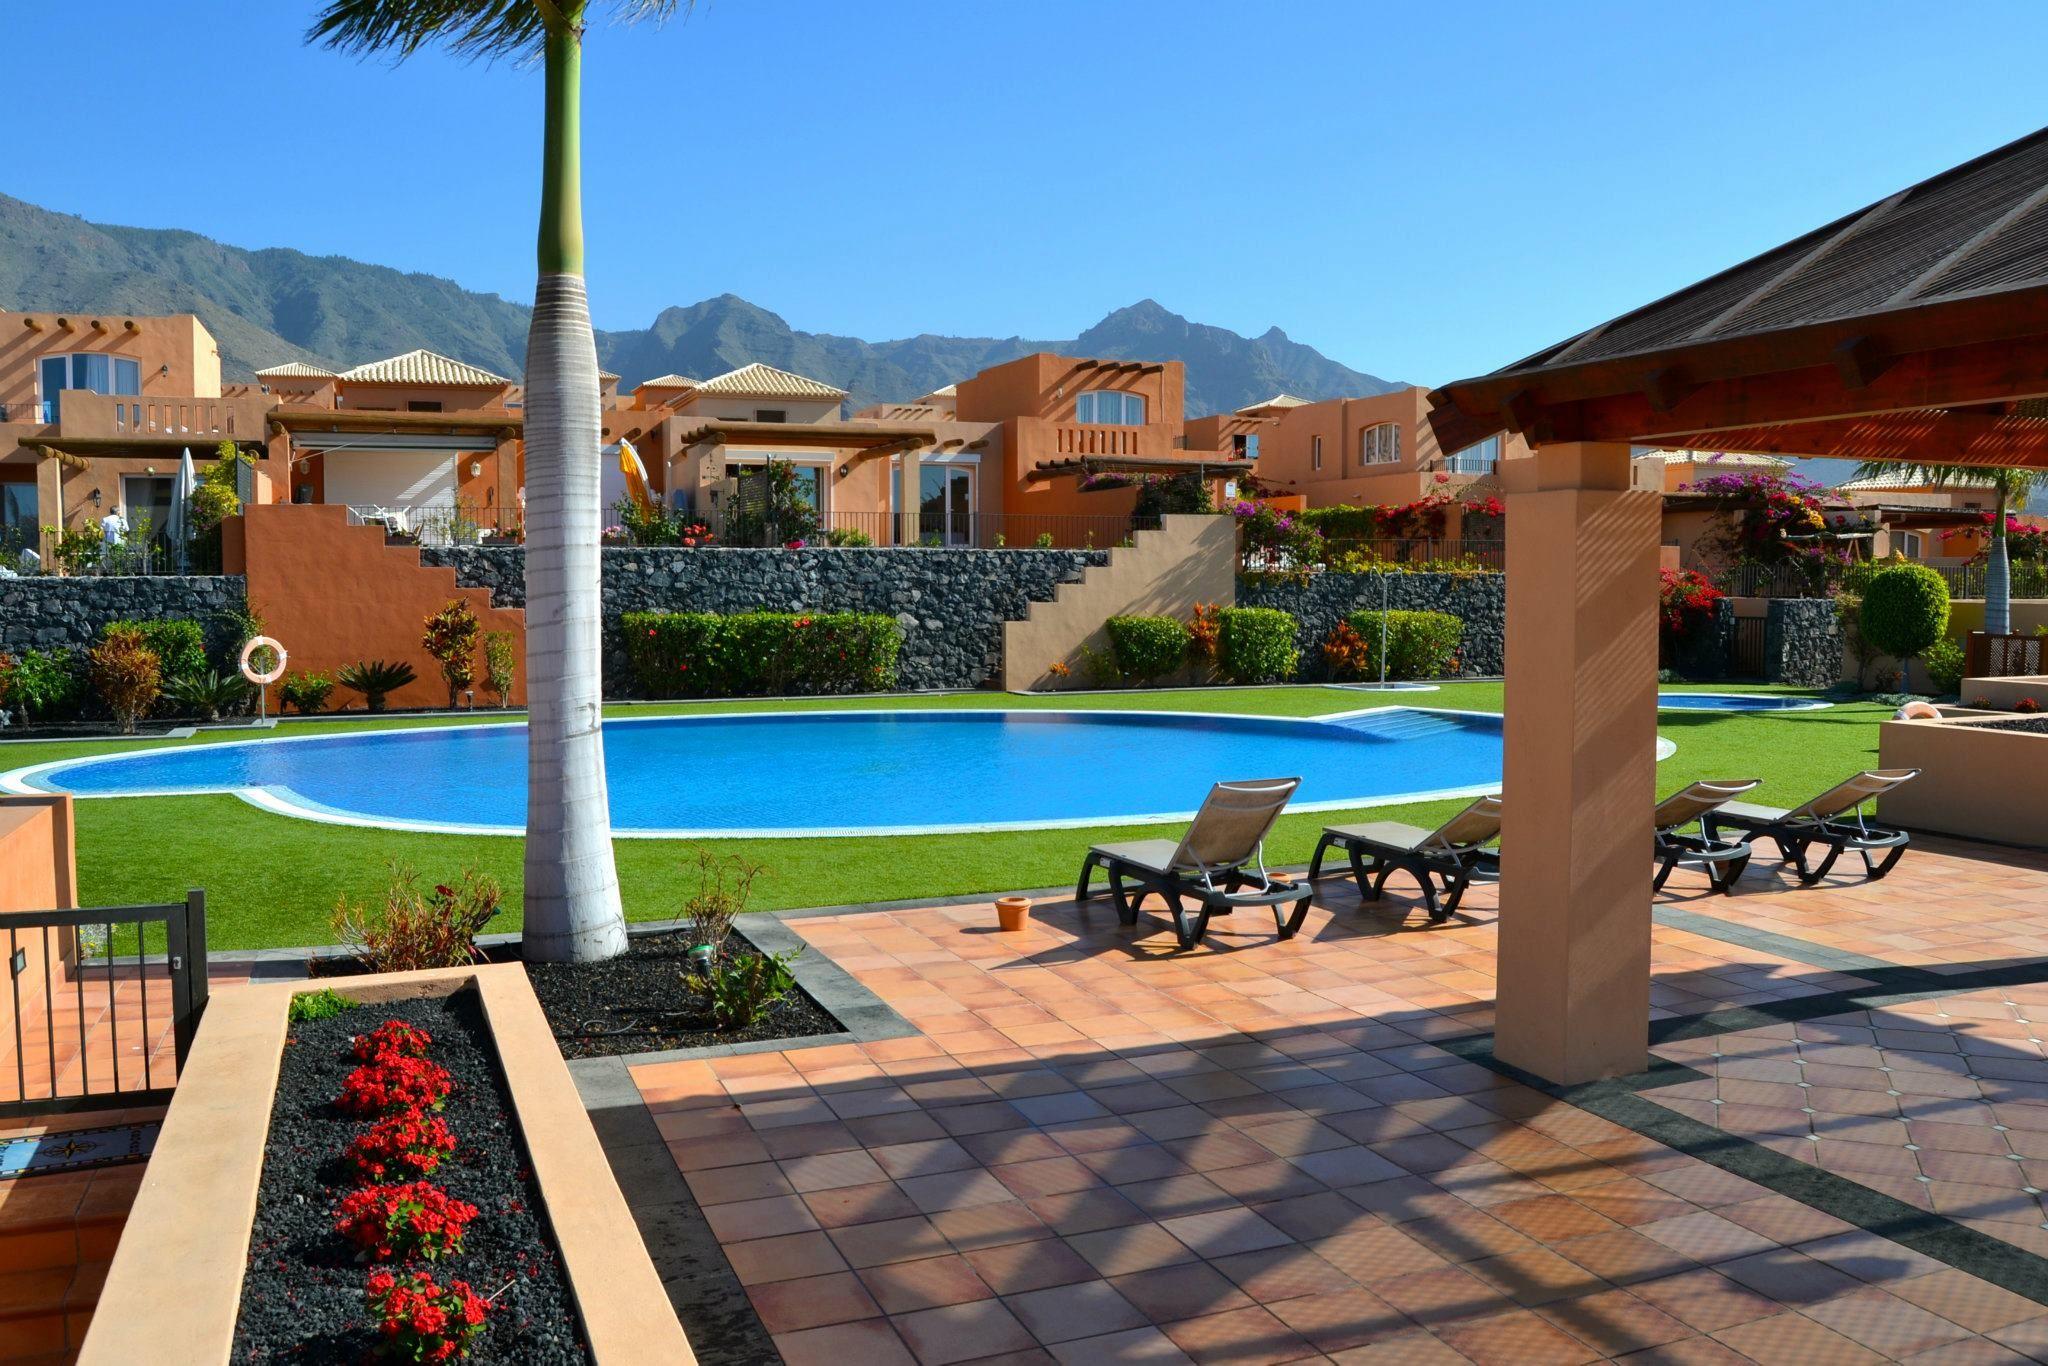 Inmobiliaria especializada en casas de lujo en Tenerife